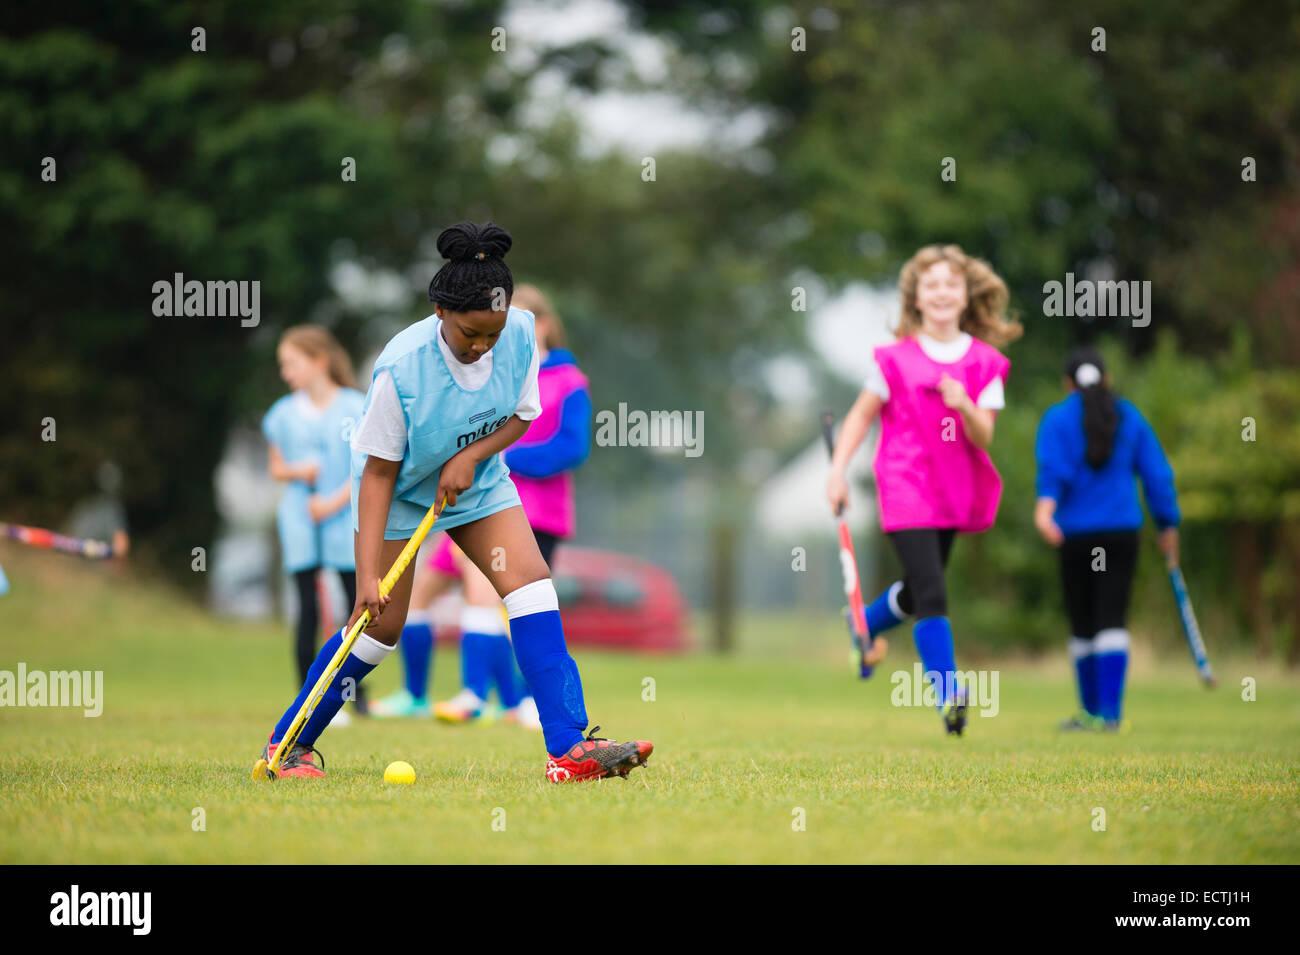 La escuela secundaria la educación física PE Gales UK: Los jóvenes de 13 a 14 años las niñas Imagen De Stock